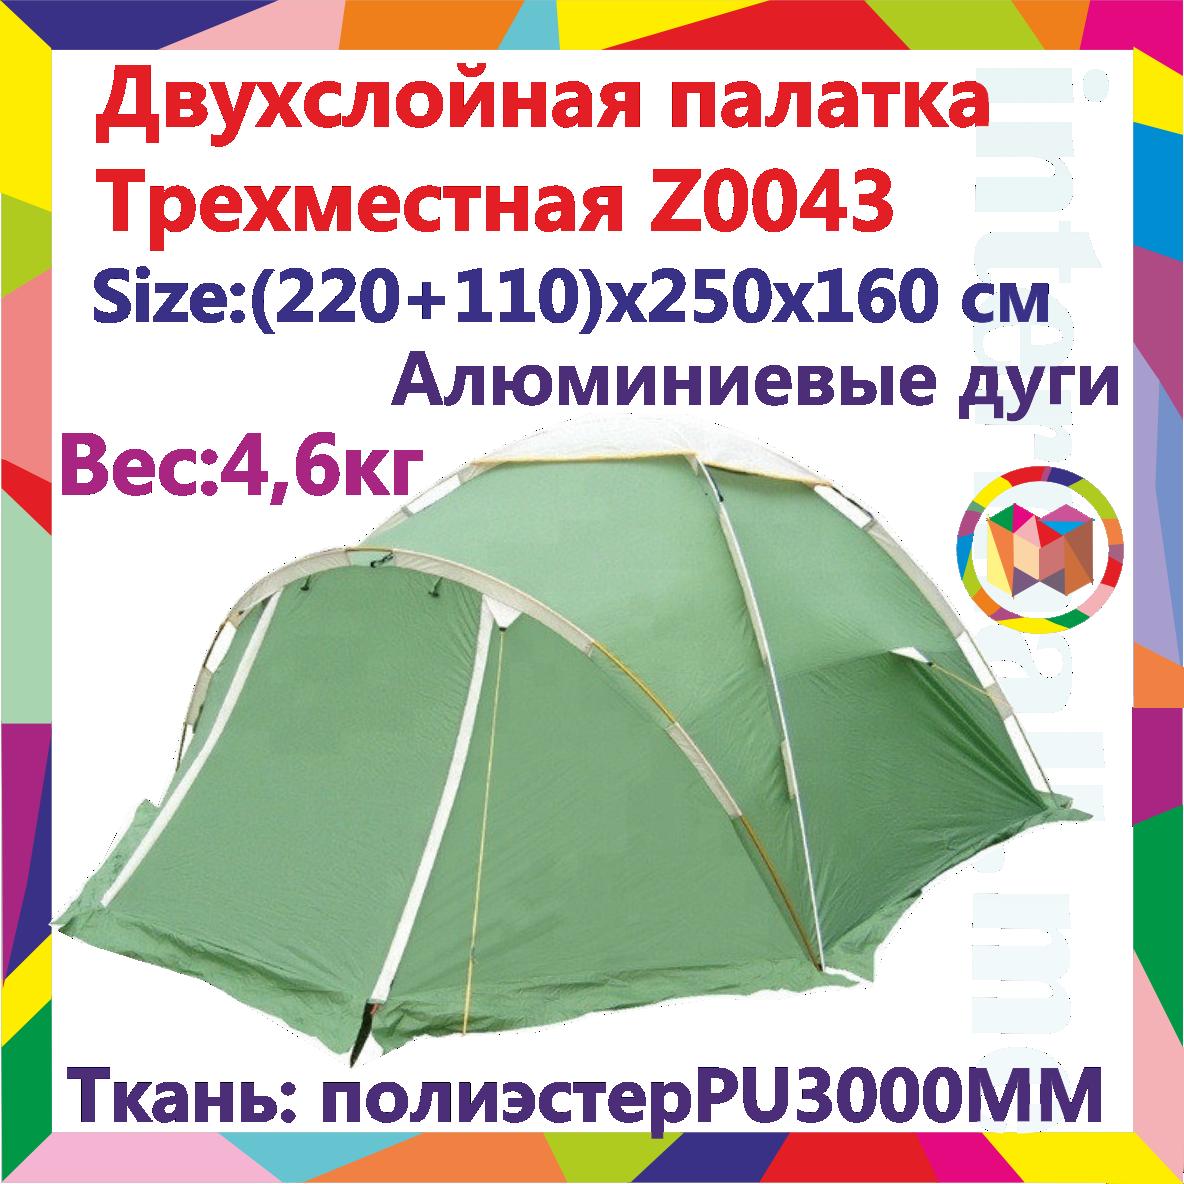 Четырехместная палатка, водонепроницаемая, (220+110)х250x160 cm, палатка Mimir 1837-4